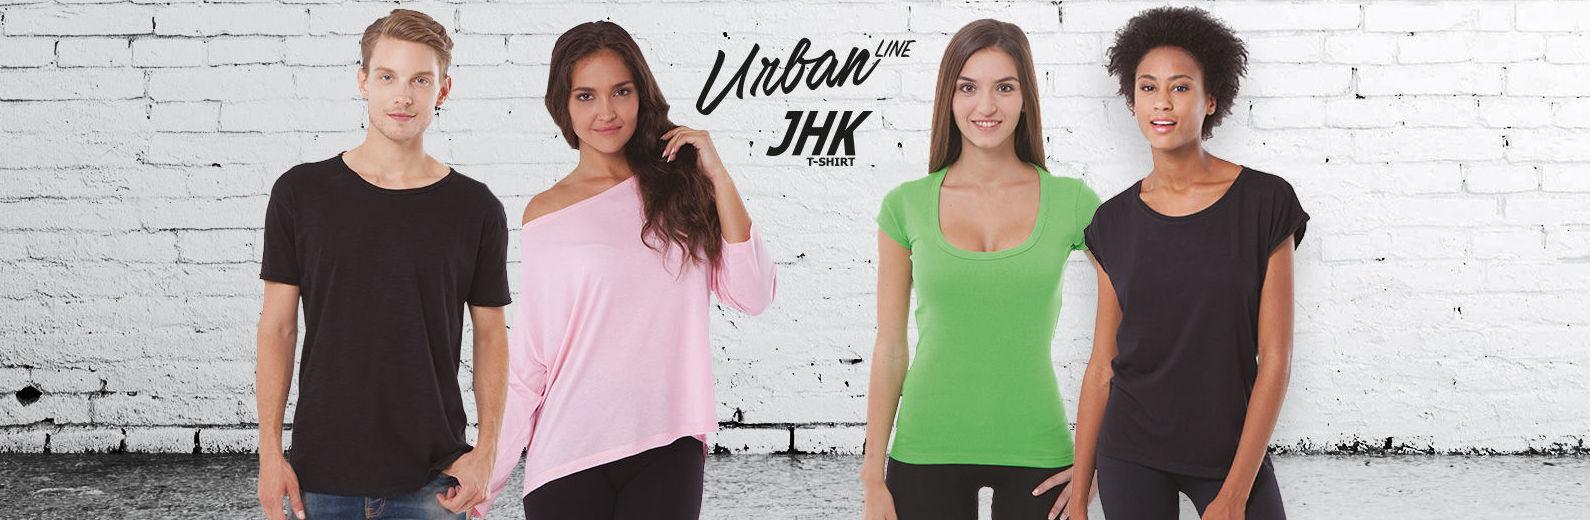 Camisetas Urban JHK